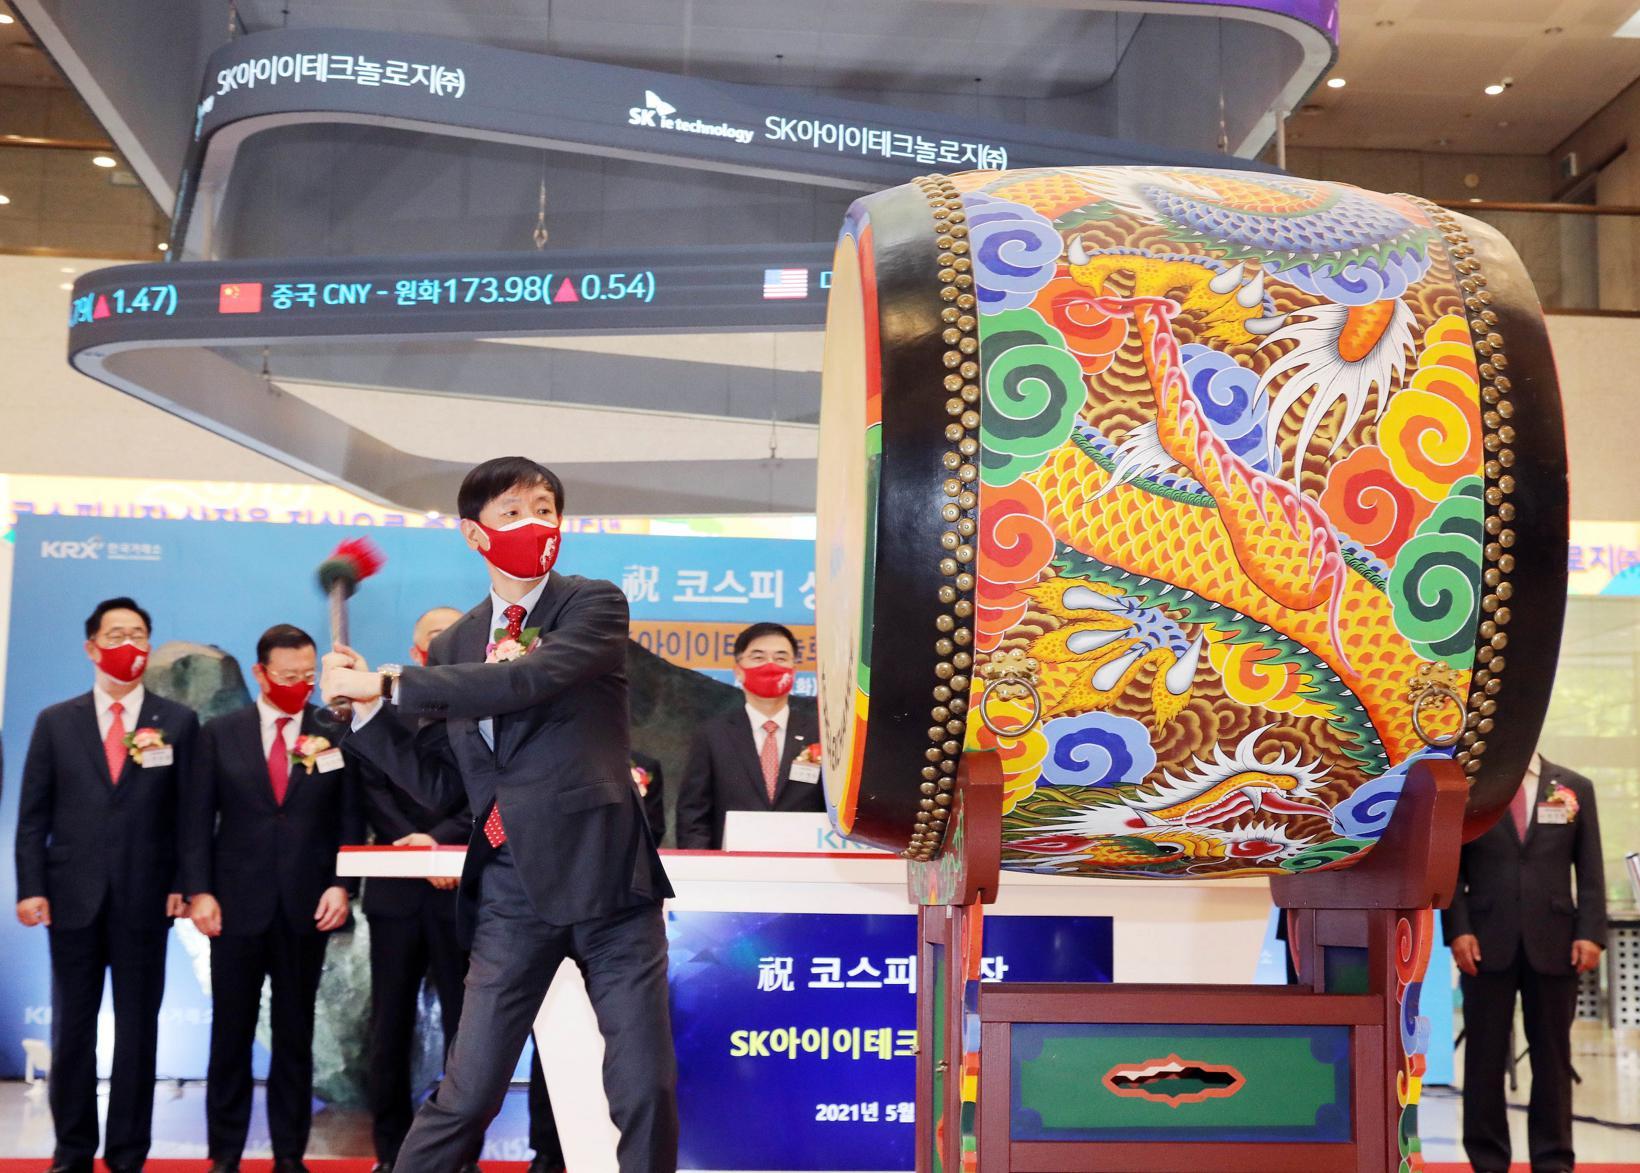 SK电池隔膜公司上市首日股价翻倍,市值达11.8万亿韩元